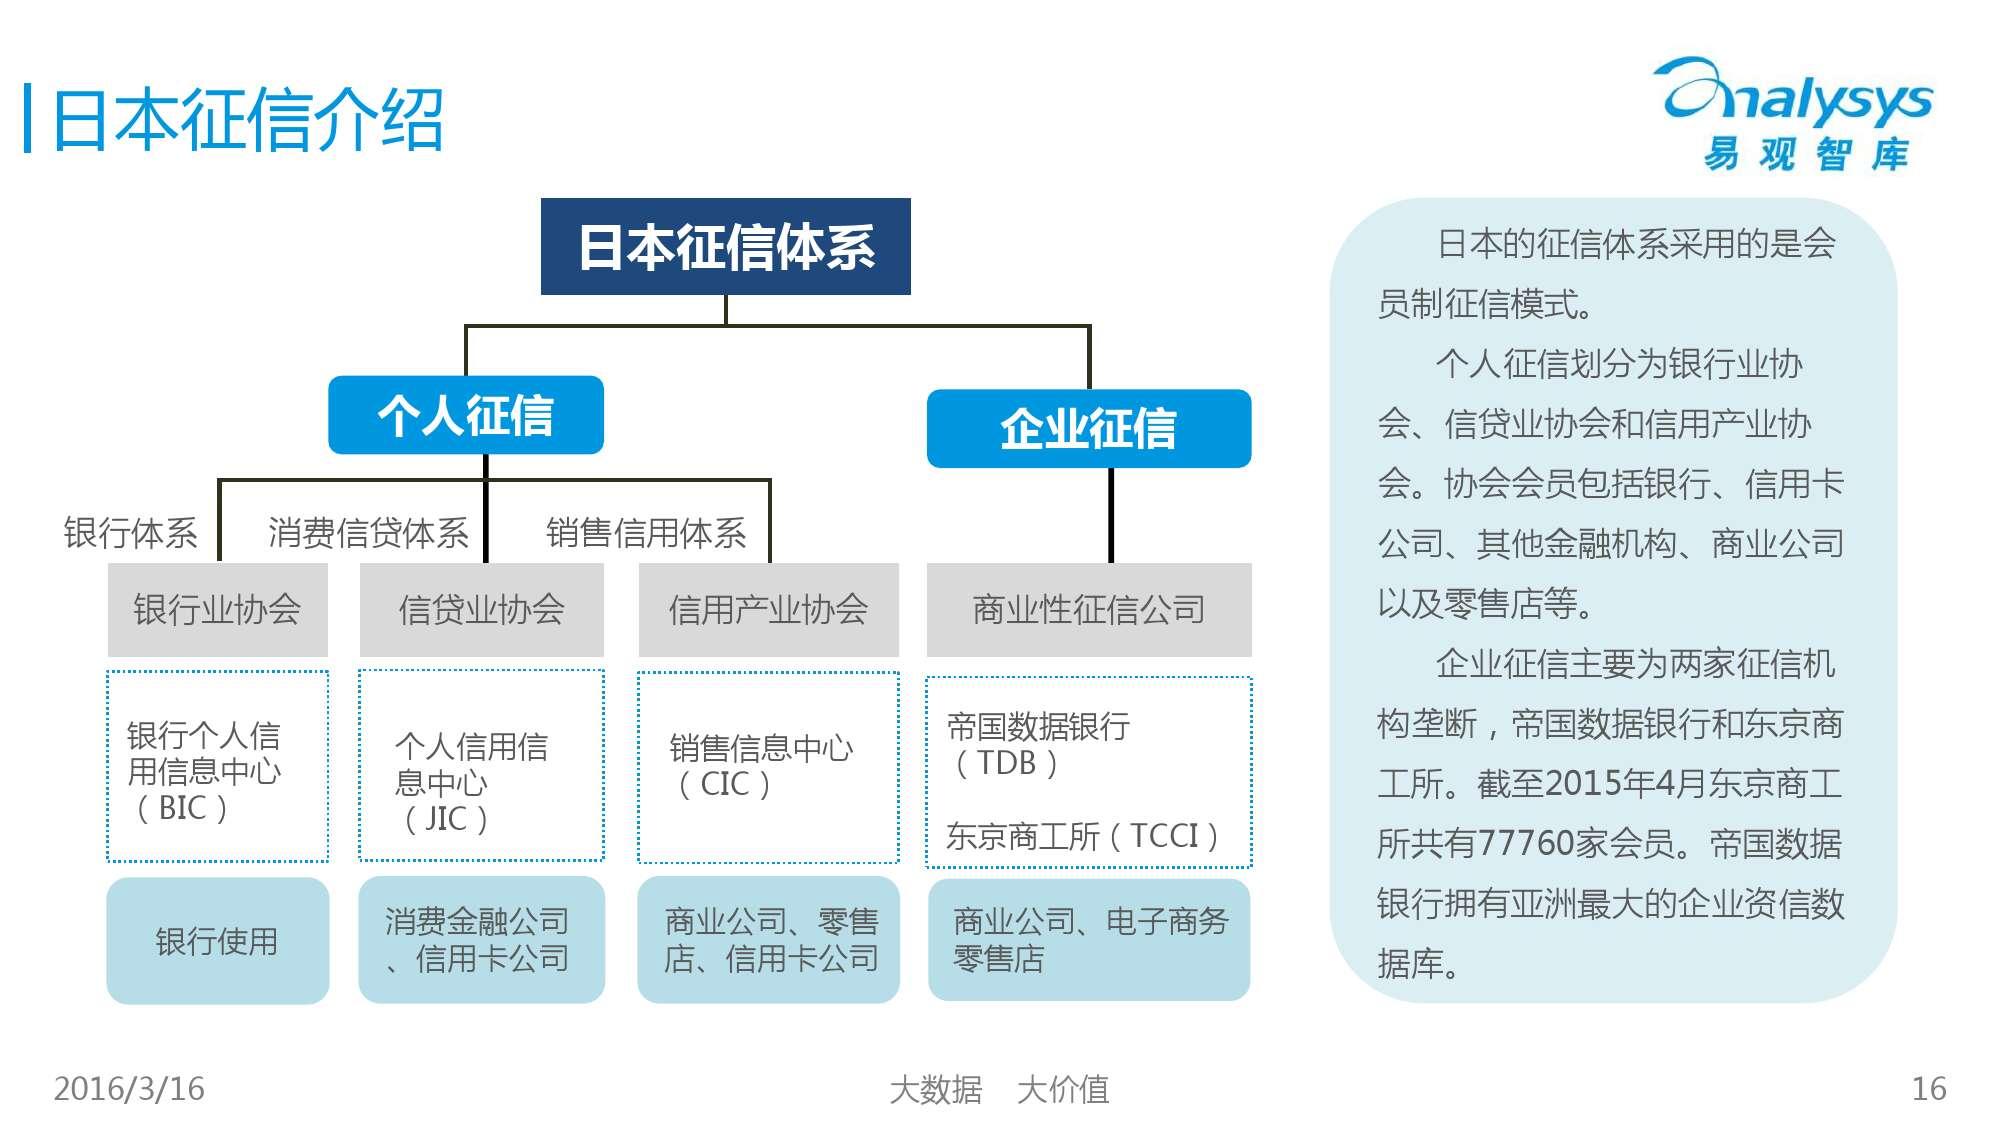 中国征信行业专题研究报告2016_000016